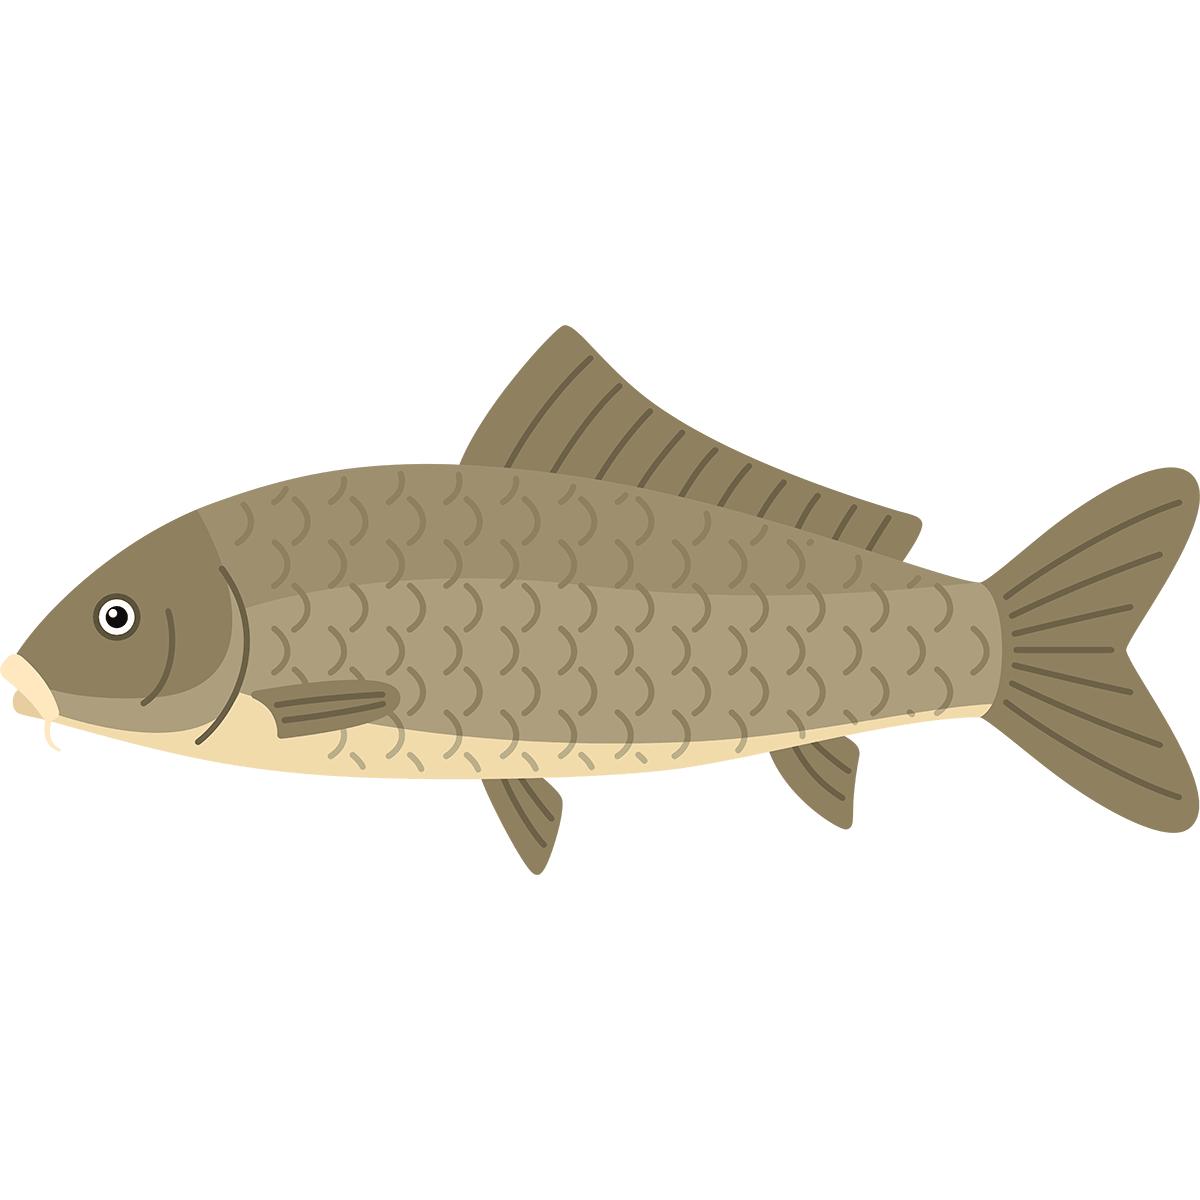 コイ(鯉)の無料イラスト